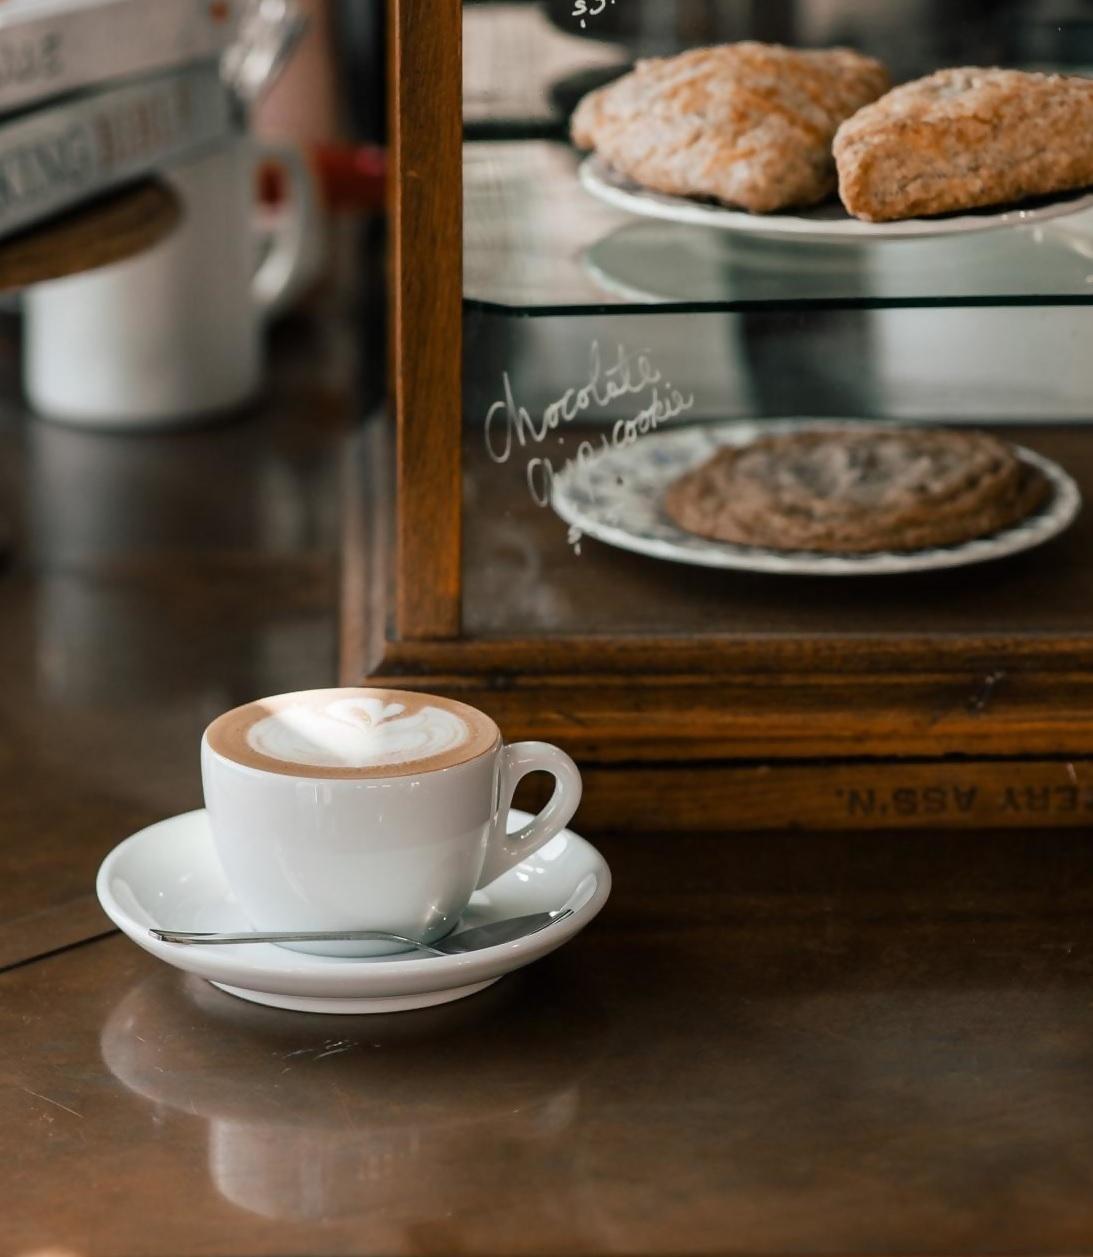 מבדיקה שבציעה חברת Coface Bdi נראה כי בין הענפים שנפגעו באופן משמעותי נמצאים בתי הקפה, המסעדות והמזנונים